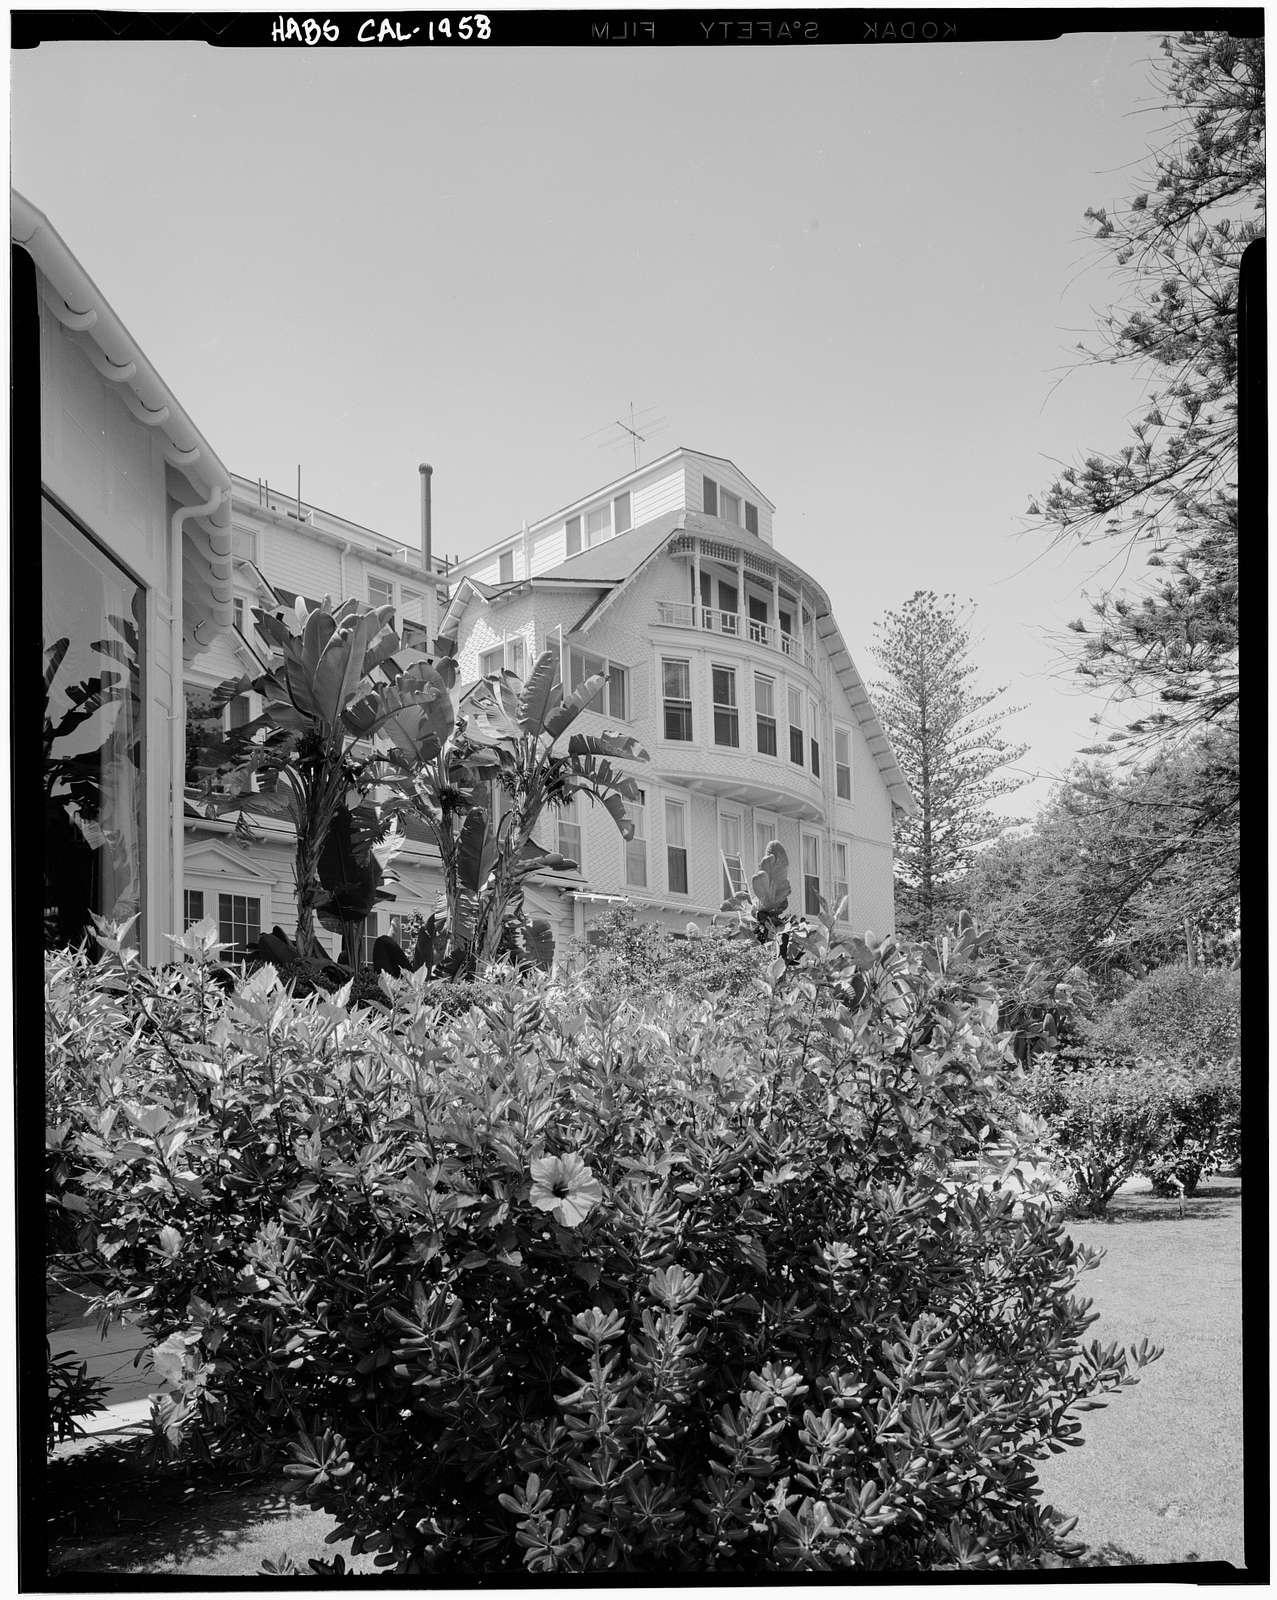 Hotel Del Coronado, 1500 Orange Avenue, Coronado, San Diego County, CA